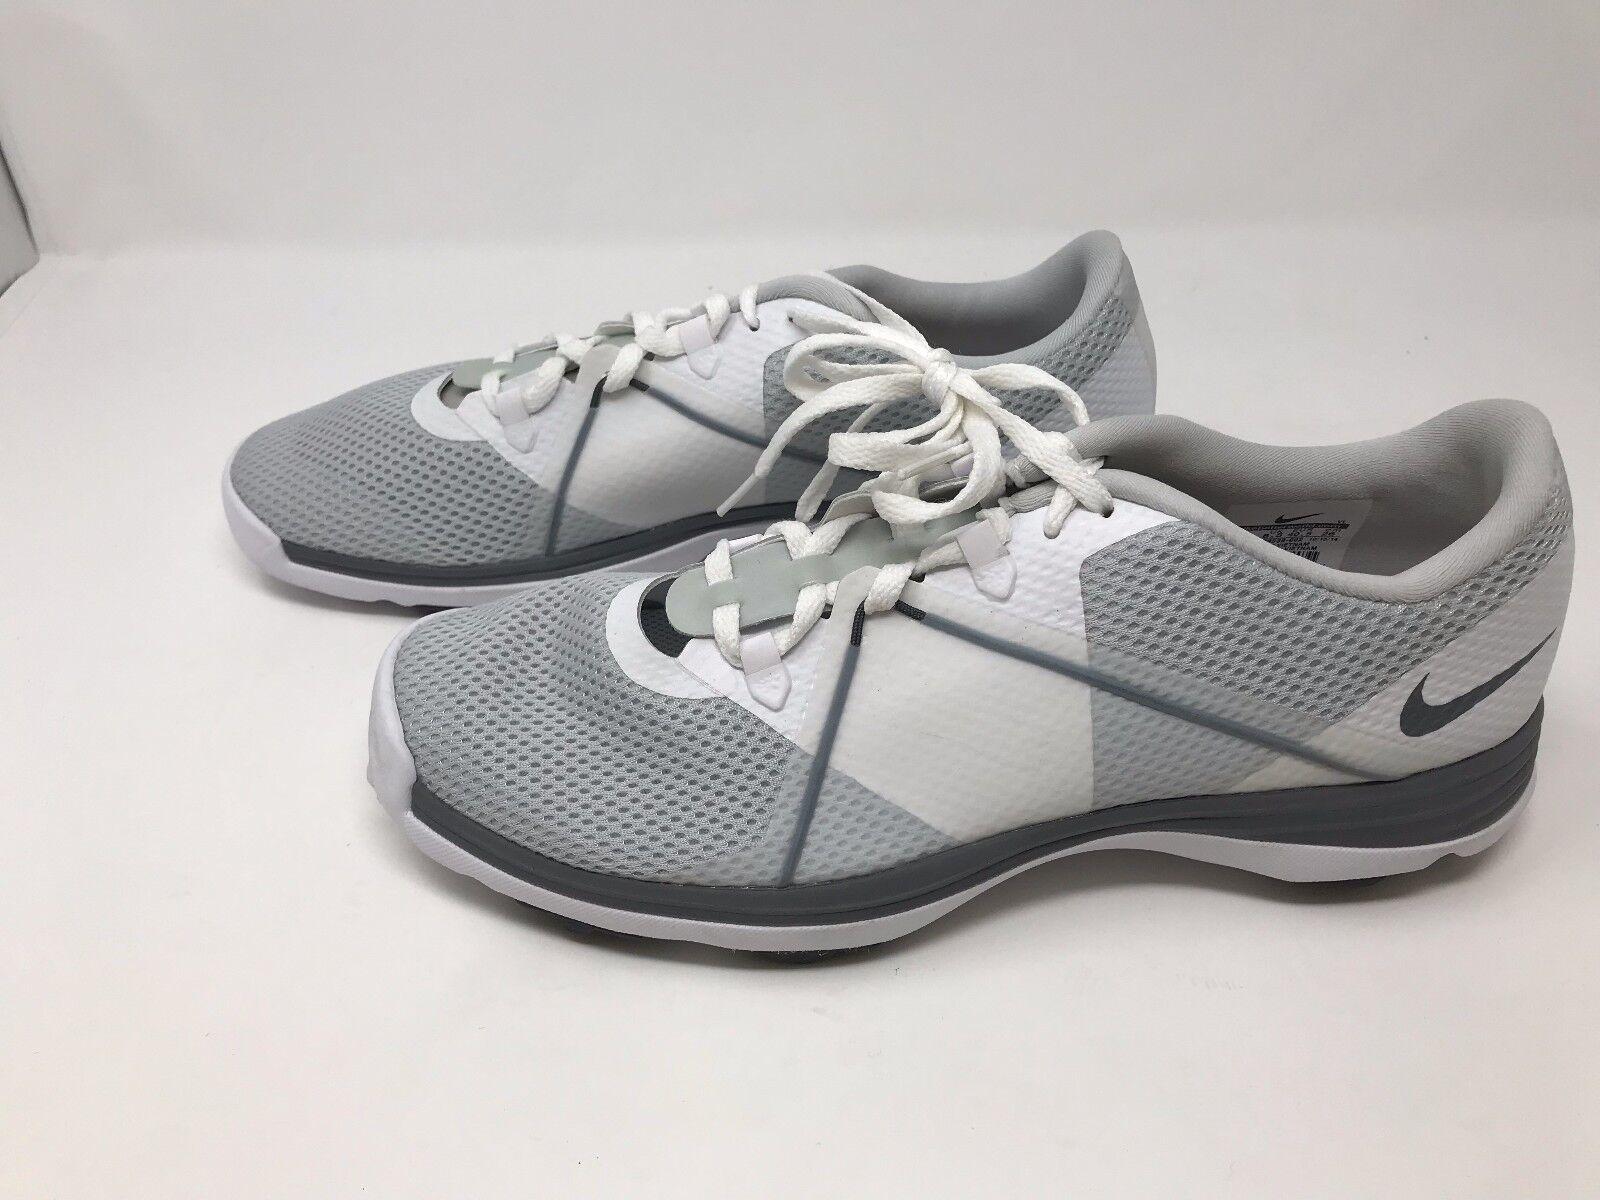 Womens Nike Lunar Summer Lite 2 Golf Shoes           13R